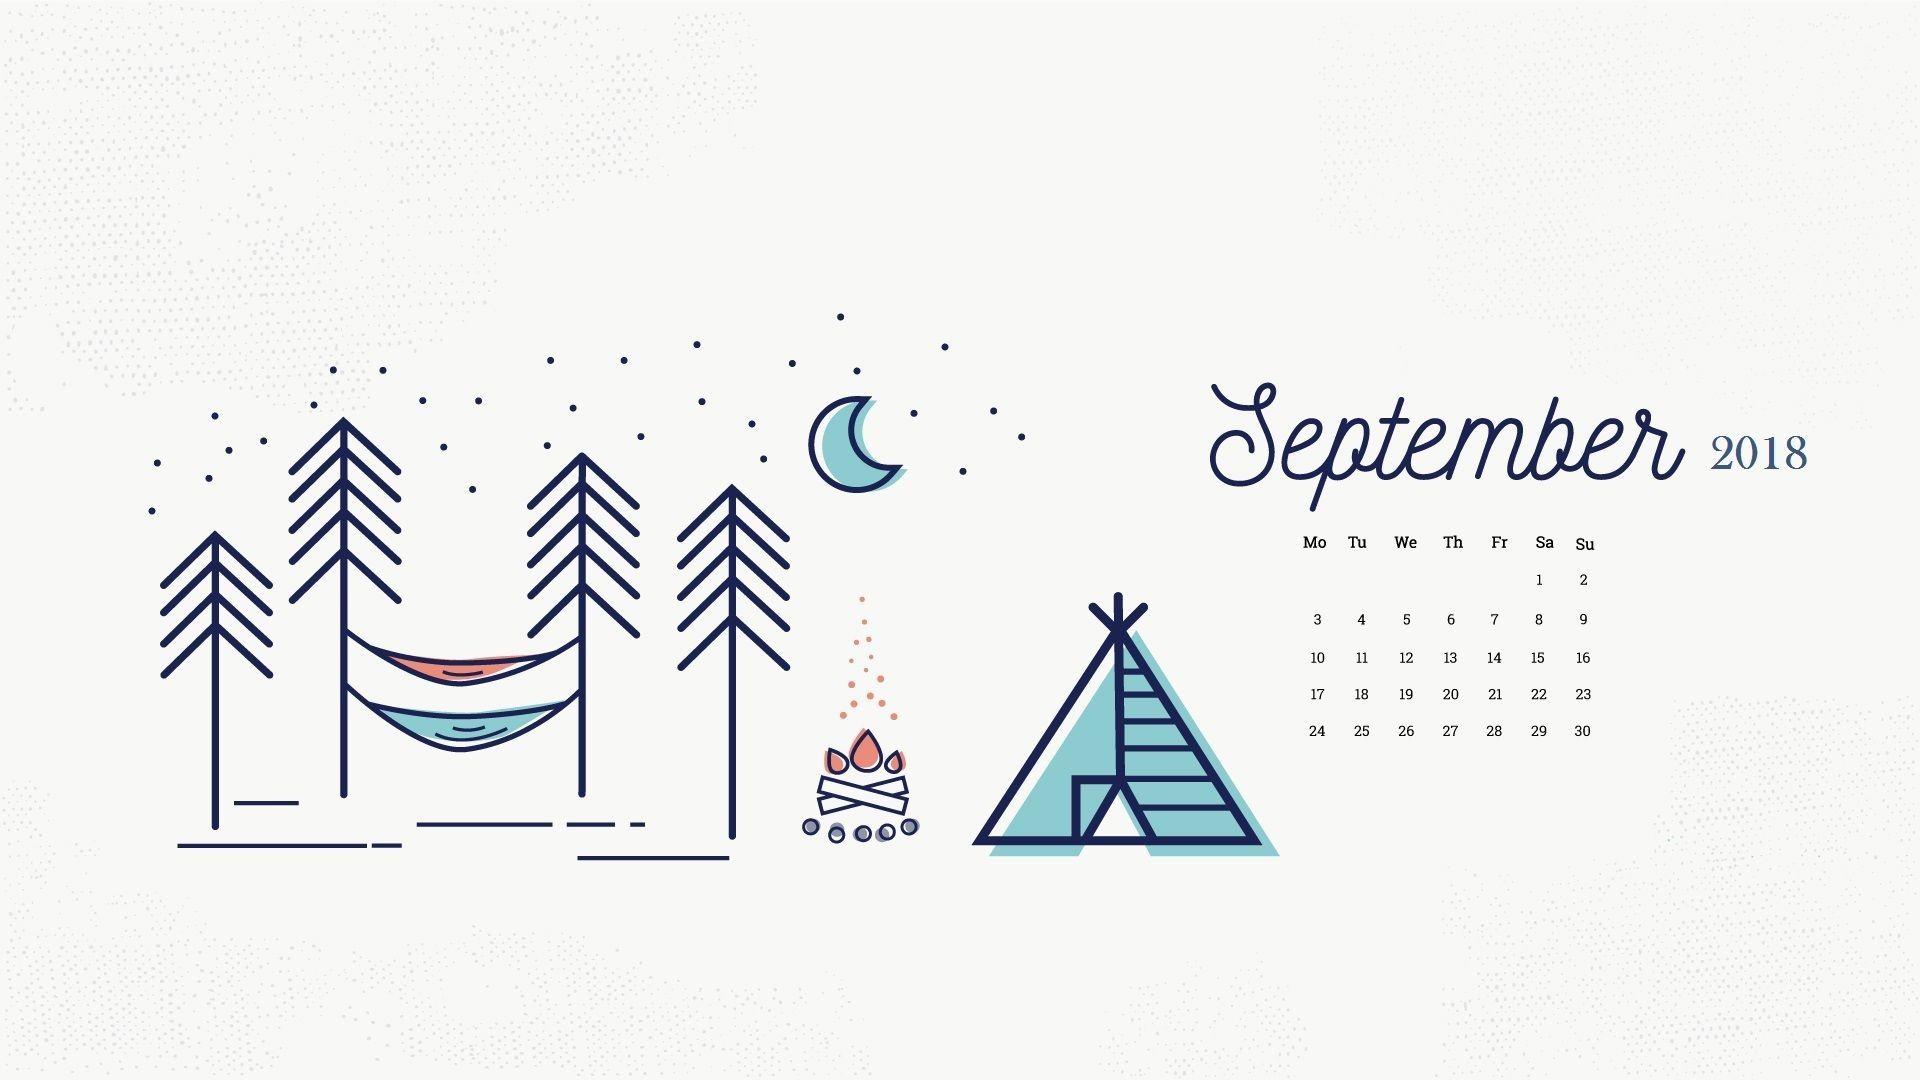 September 2018 Calendar Wallpapers Desktop Wallpaper Calendar Calendar Wallpaper Desktop Calendar